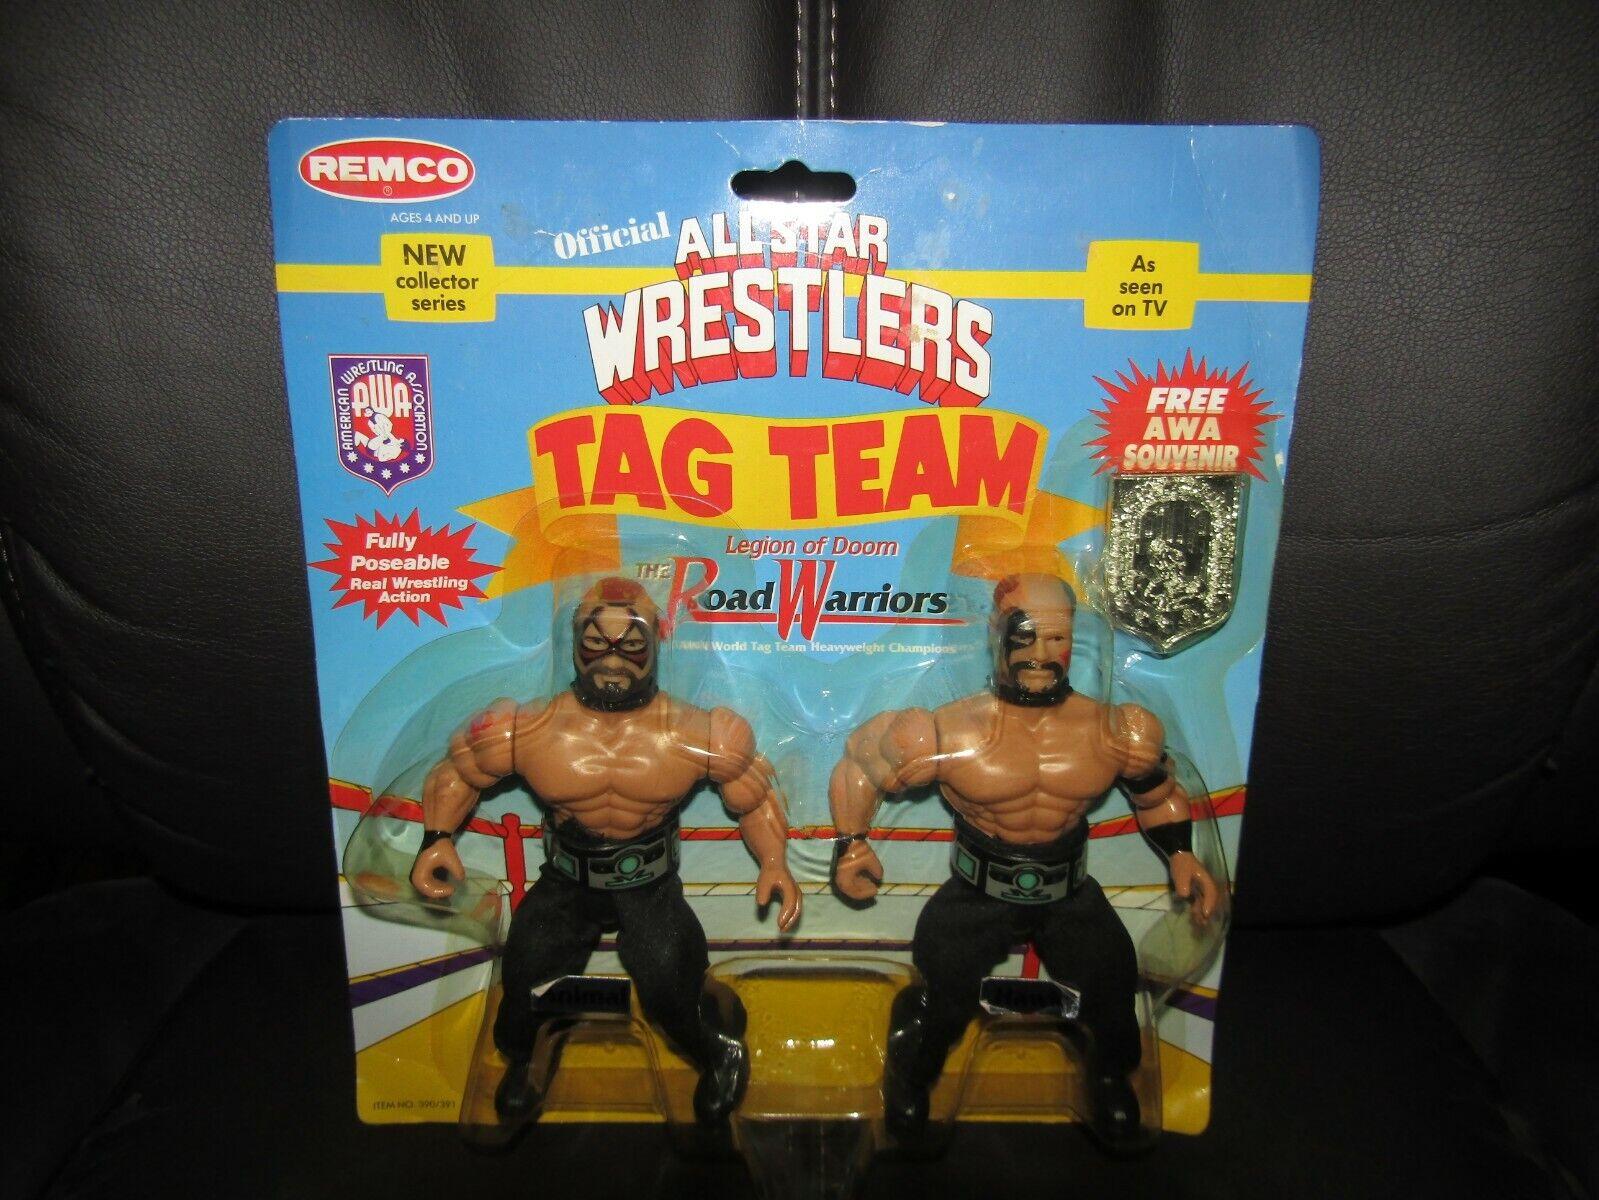 REMCO Awa WWF NWA All Estrella Wrestling  viajero frecuente  mundo TagTeam Champs, verdadera MOC